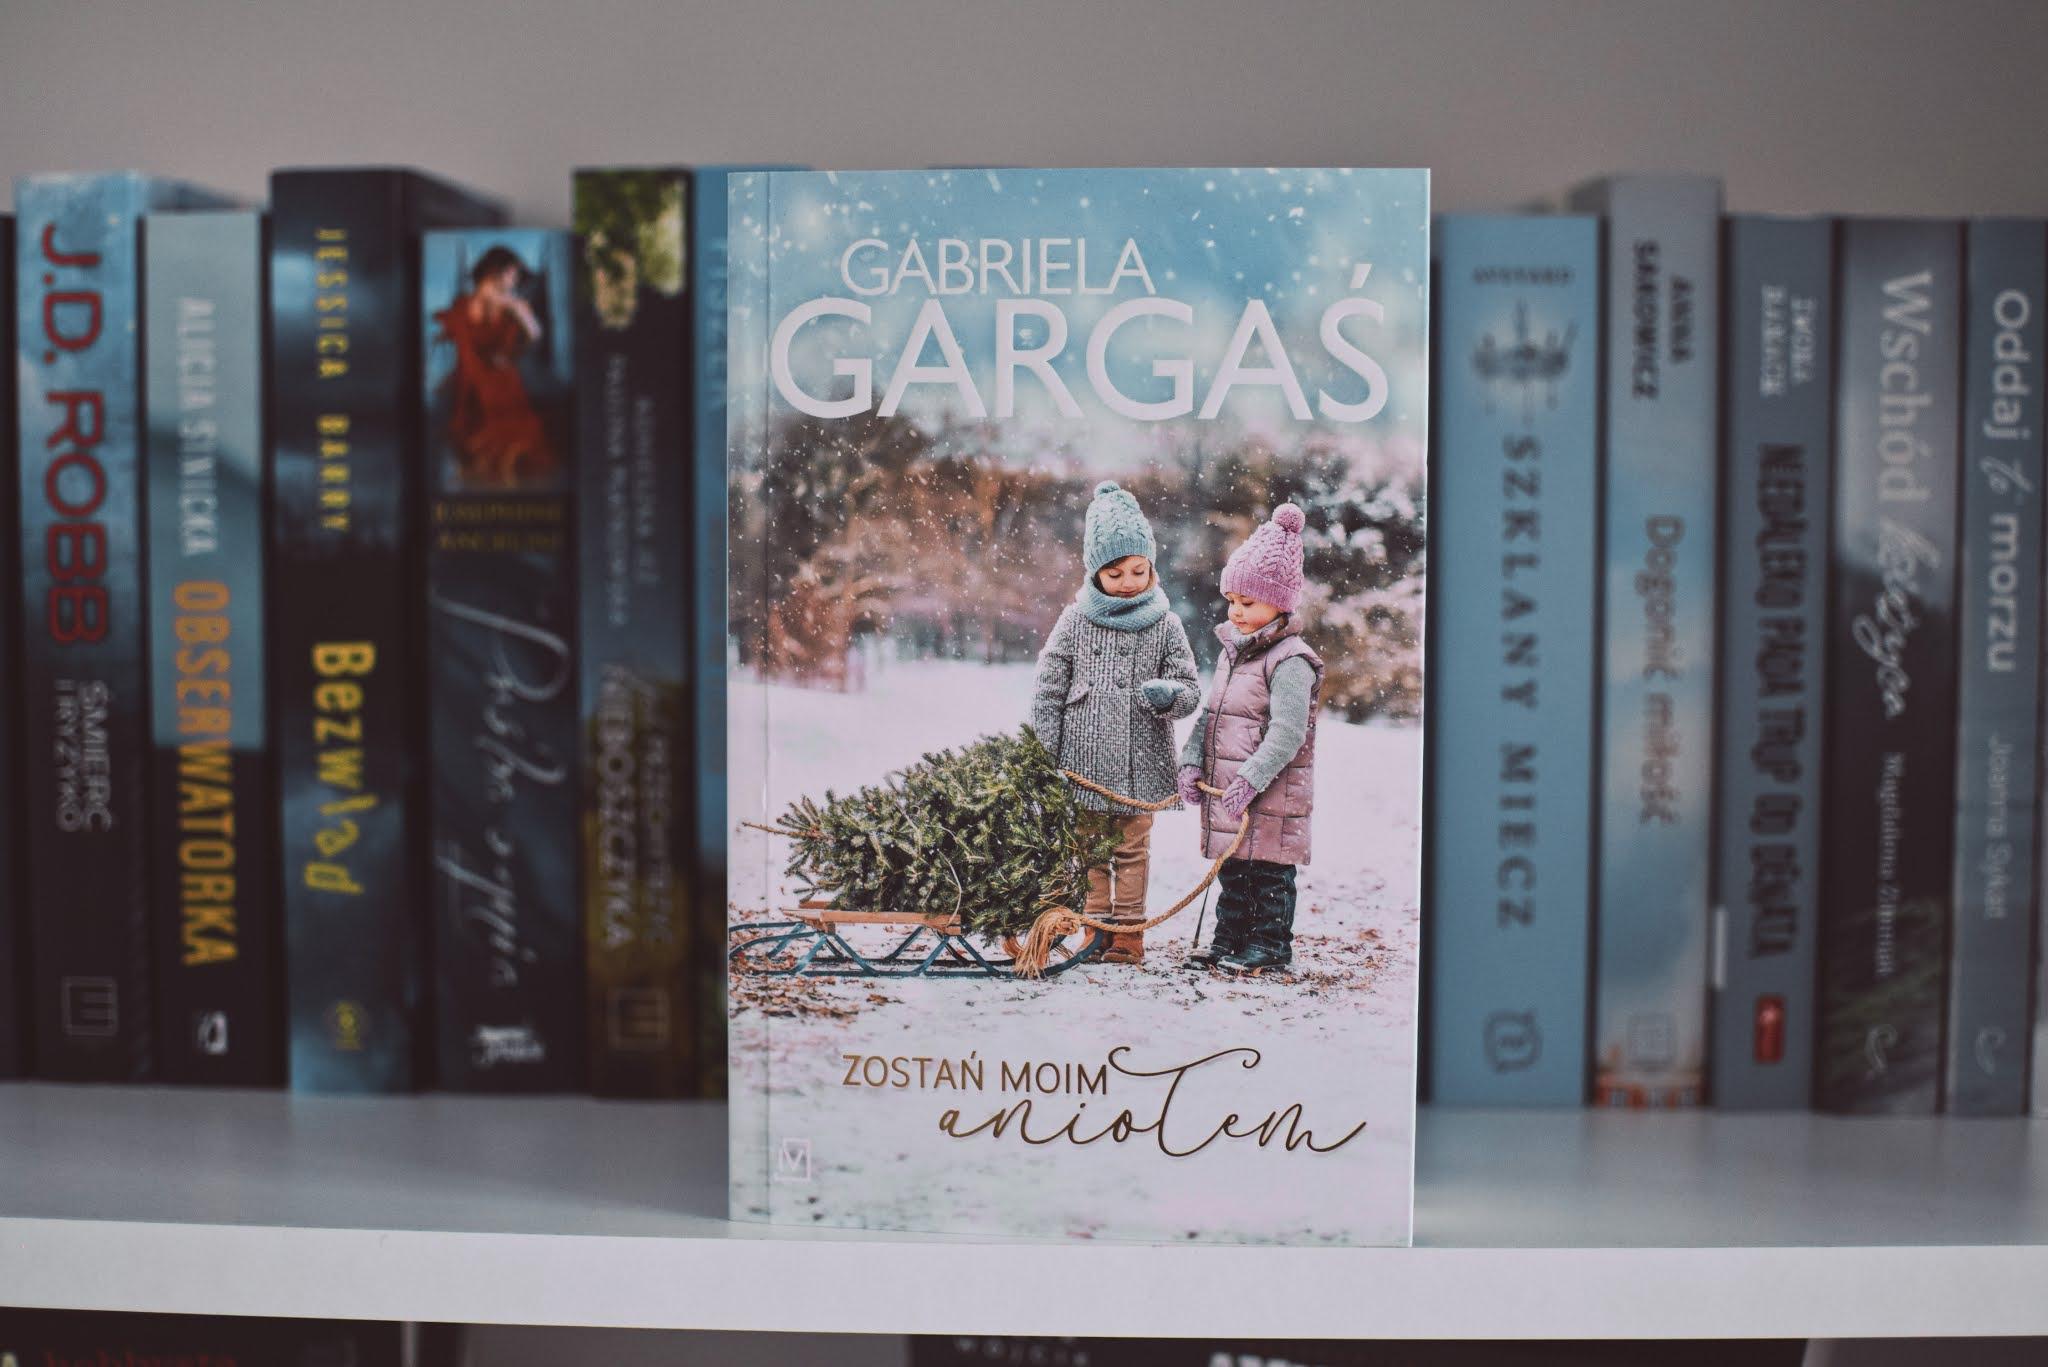 GabrielaGargaś,ZostańMoimAniołem,powieśćobyczajowa,romans,zima,Święta,xmassbook,świątecznie,opowiadanie,recenzja,wielubohaterów